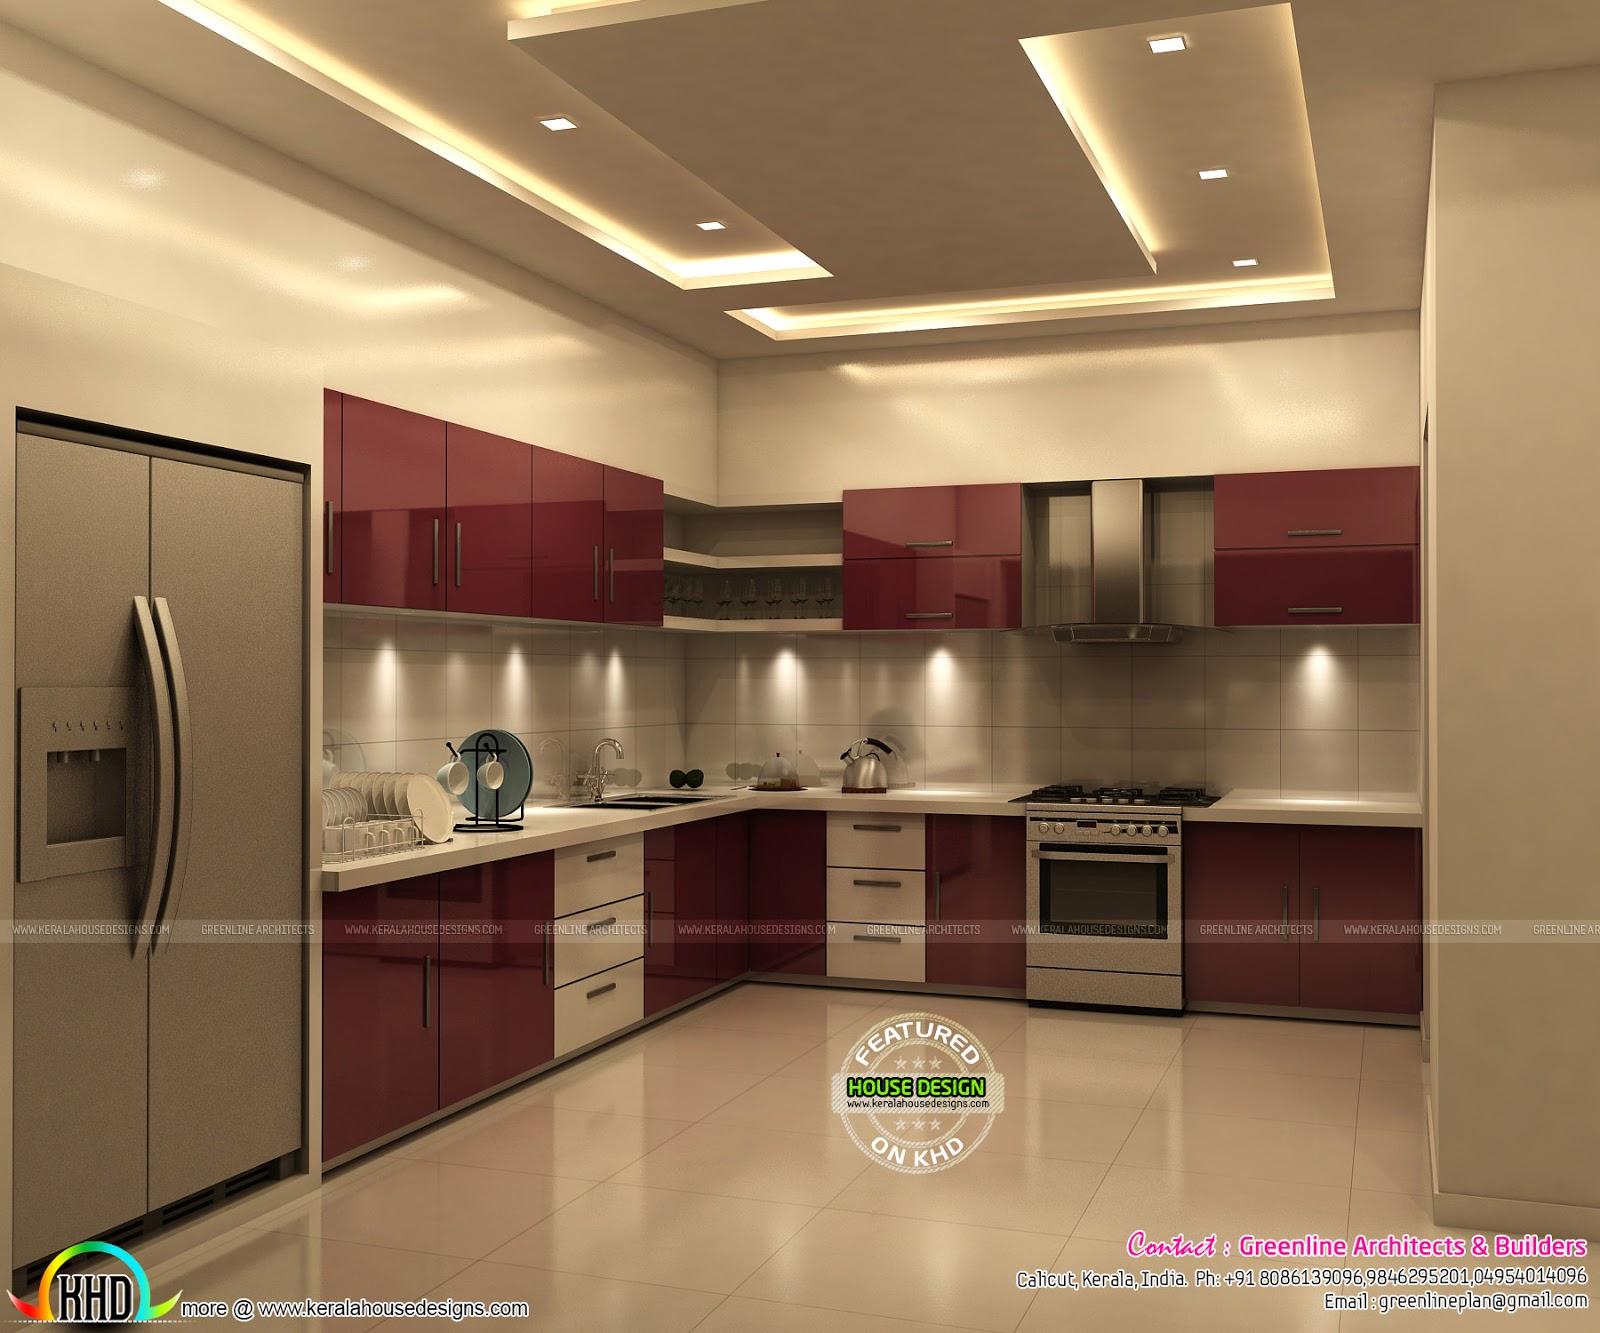 Grand and stylish interior designs - Kerala home design ...